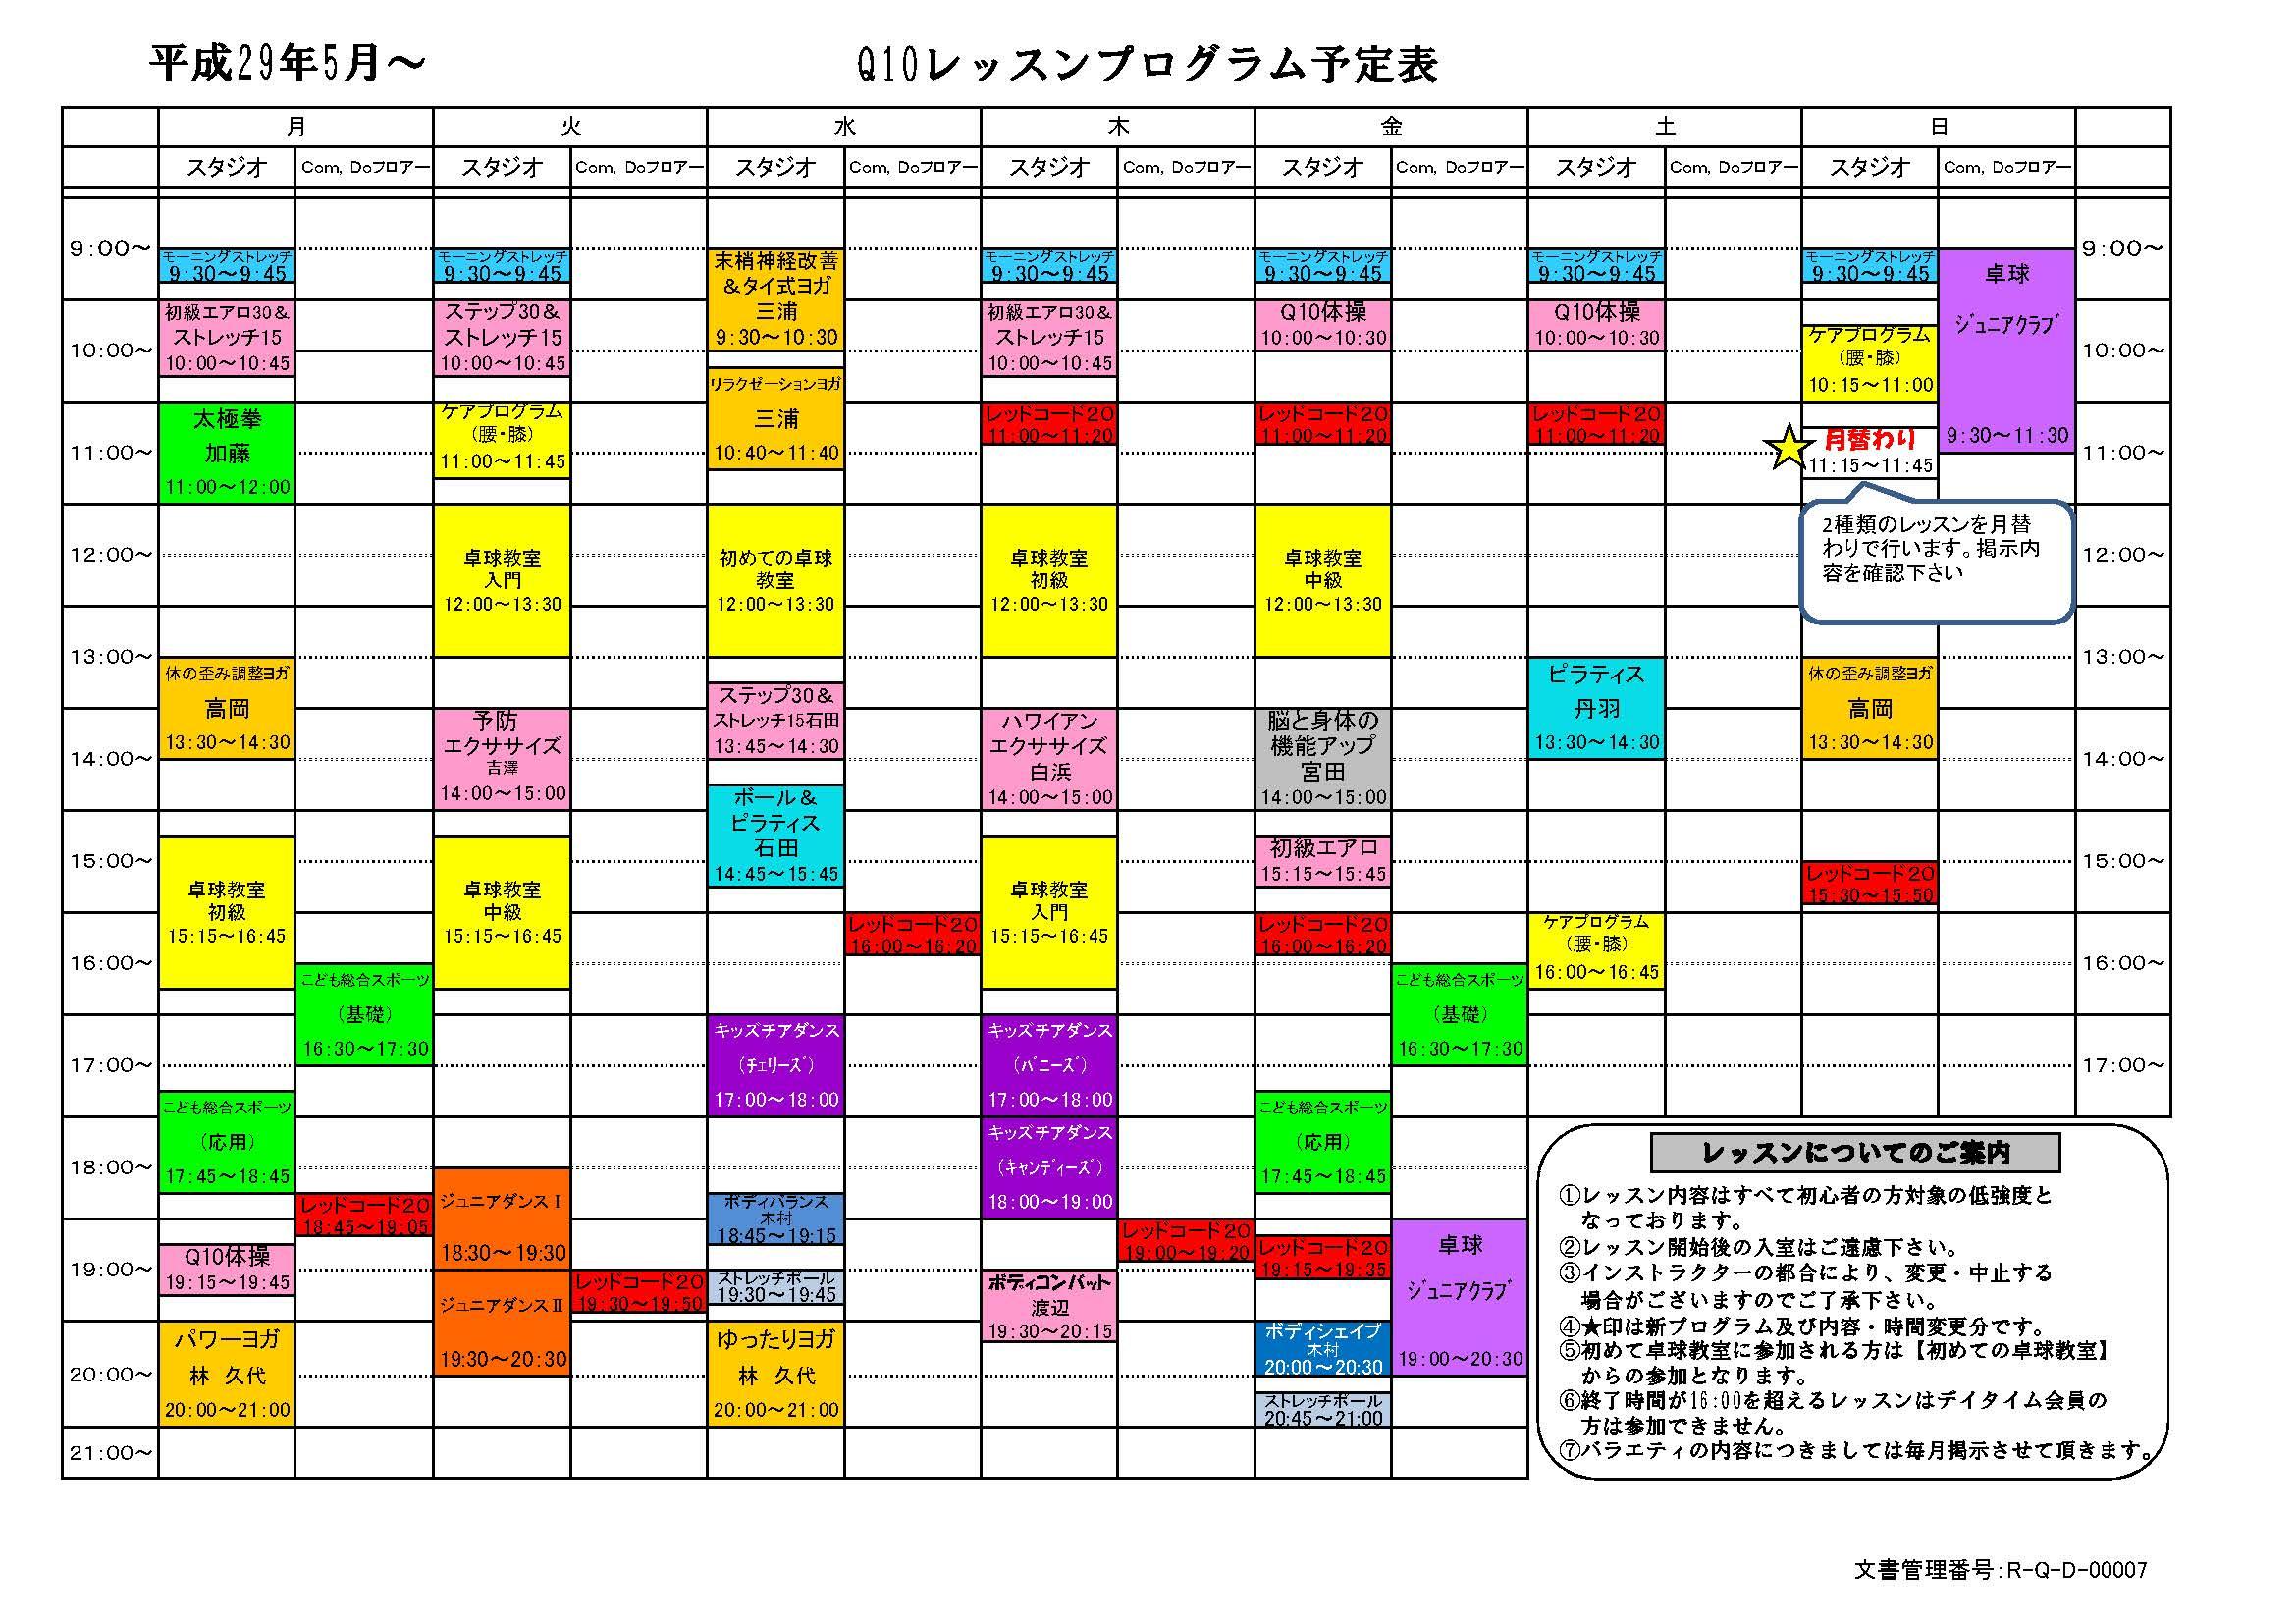 レッスンプログラム表(イラスト)